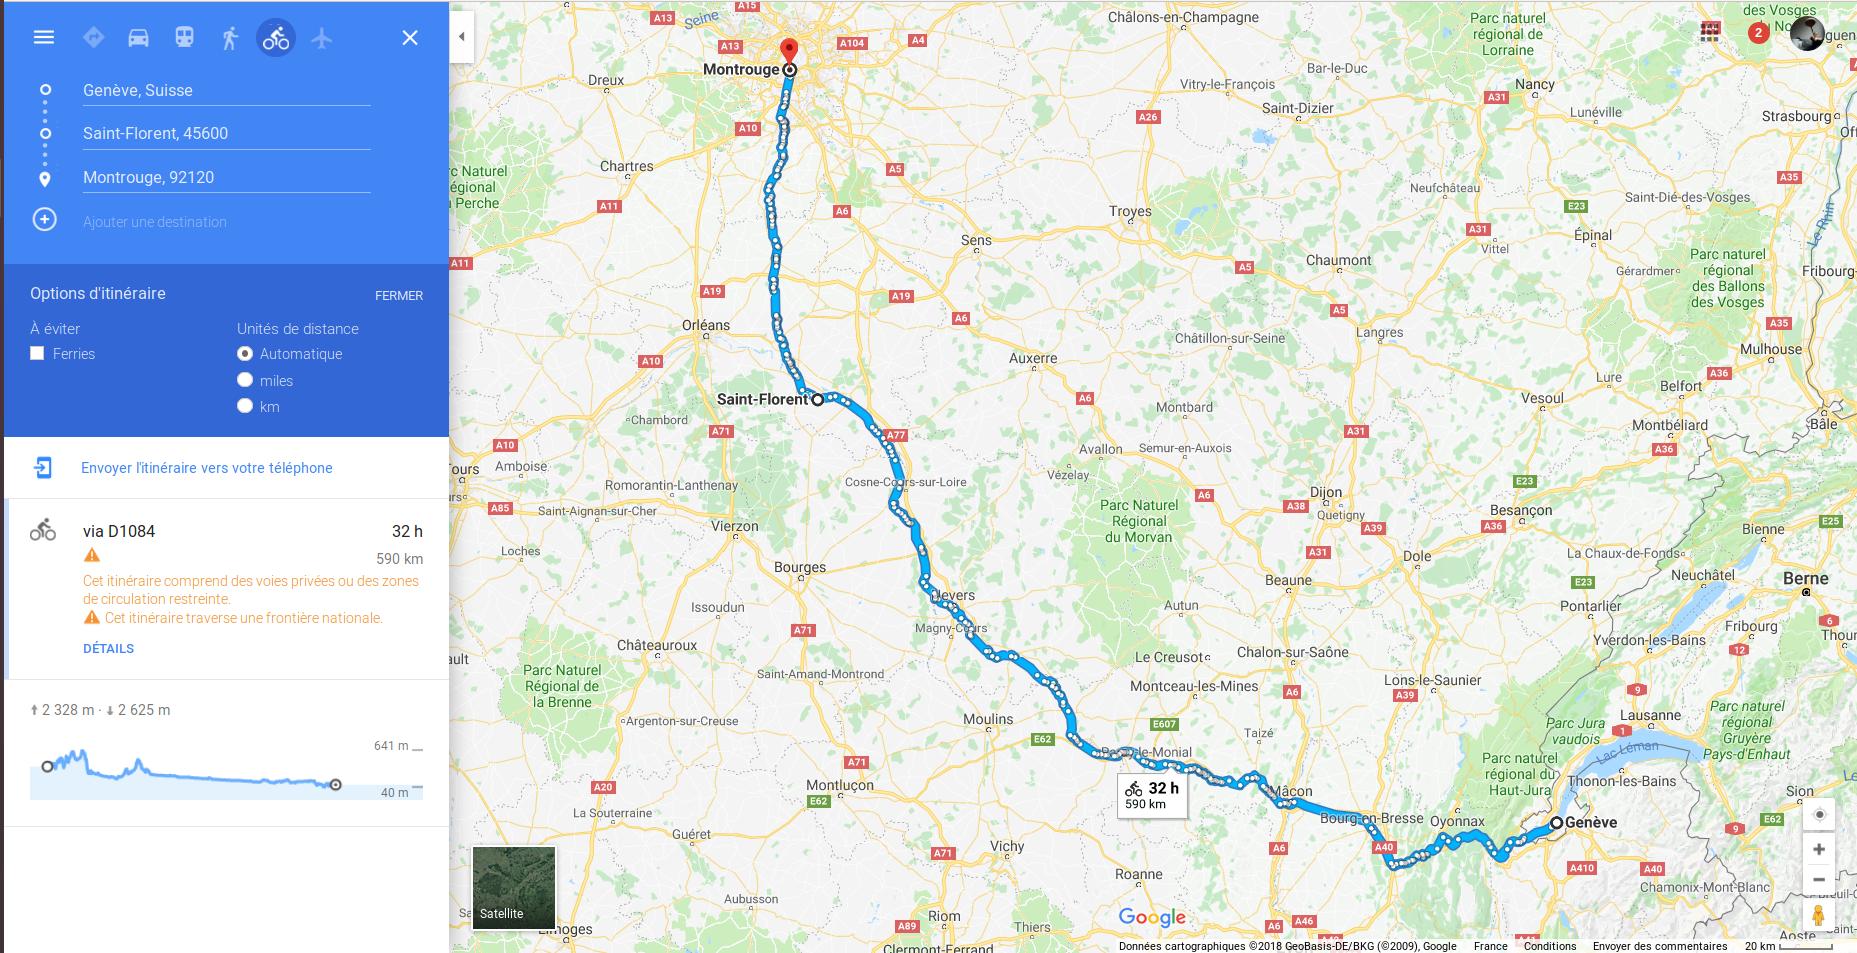 2ème chapitre : Genève-Paris